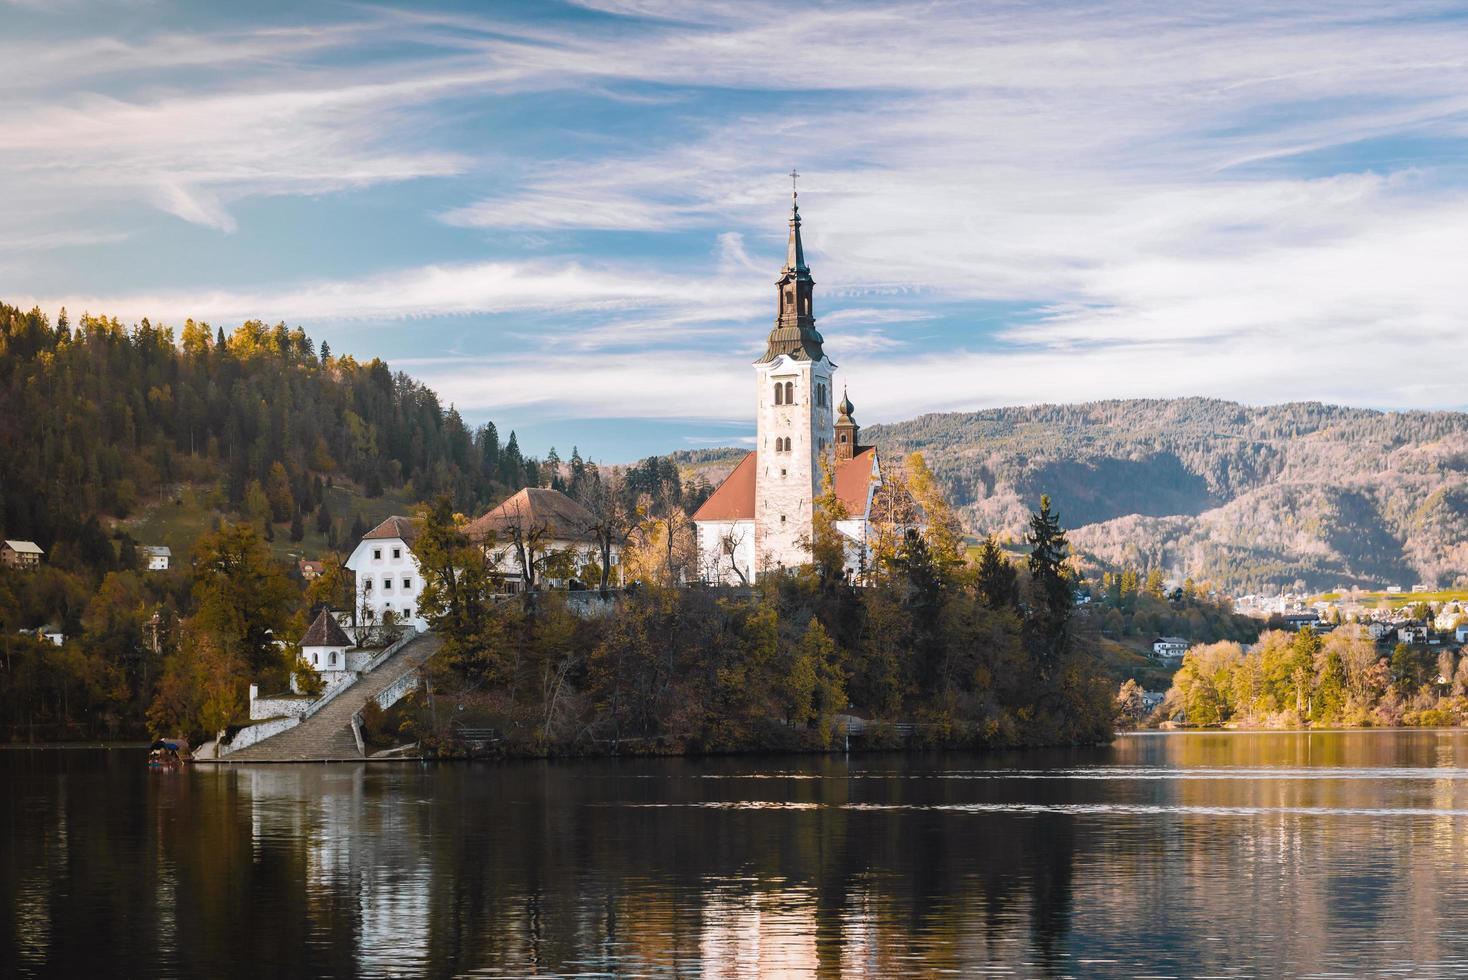 lago sangrado en las montañas alpinas foto